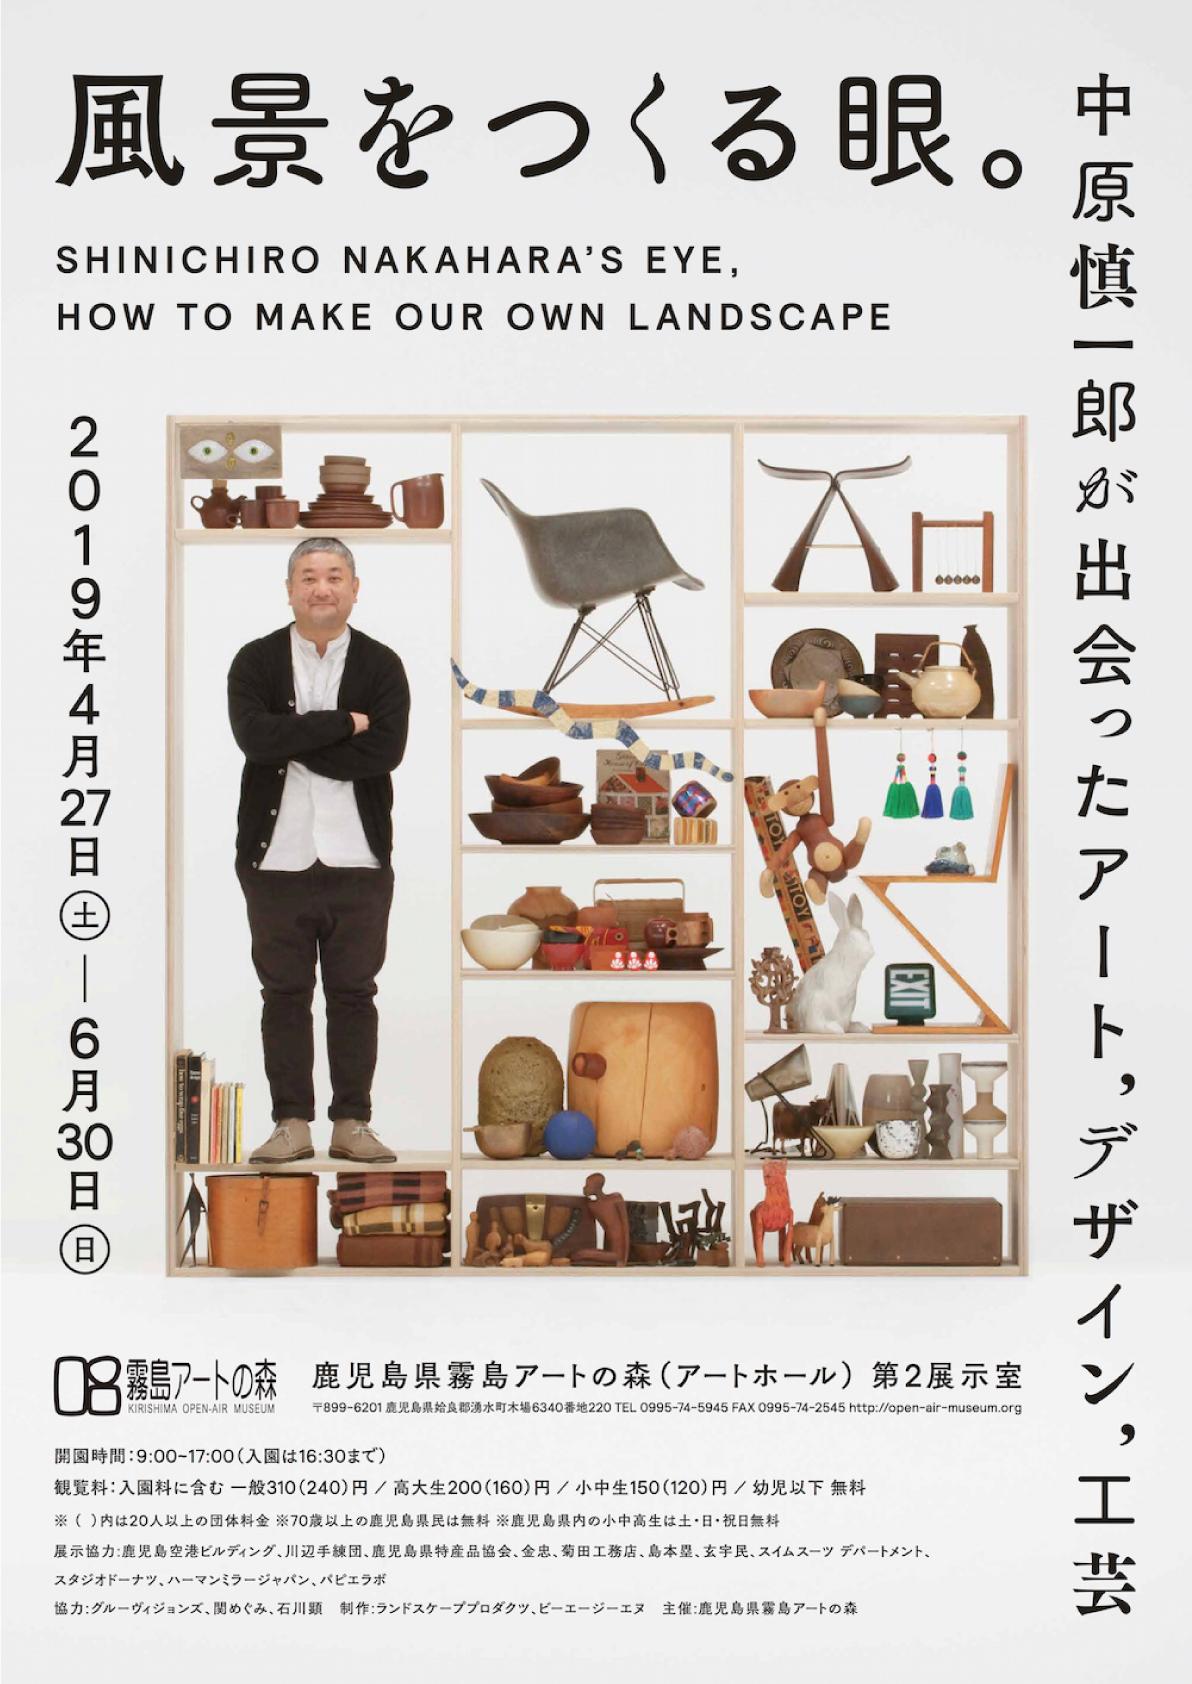 風景をつくる眼。中原慎一郎が出会ったアート,デザイン,工芸チラシ1